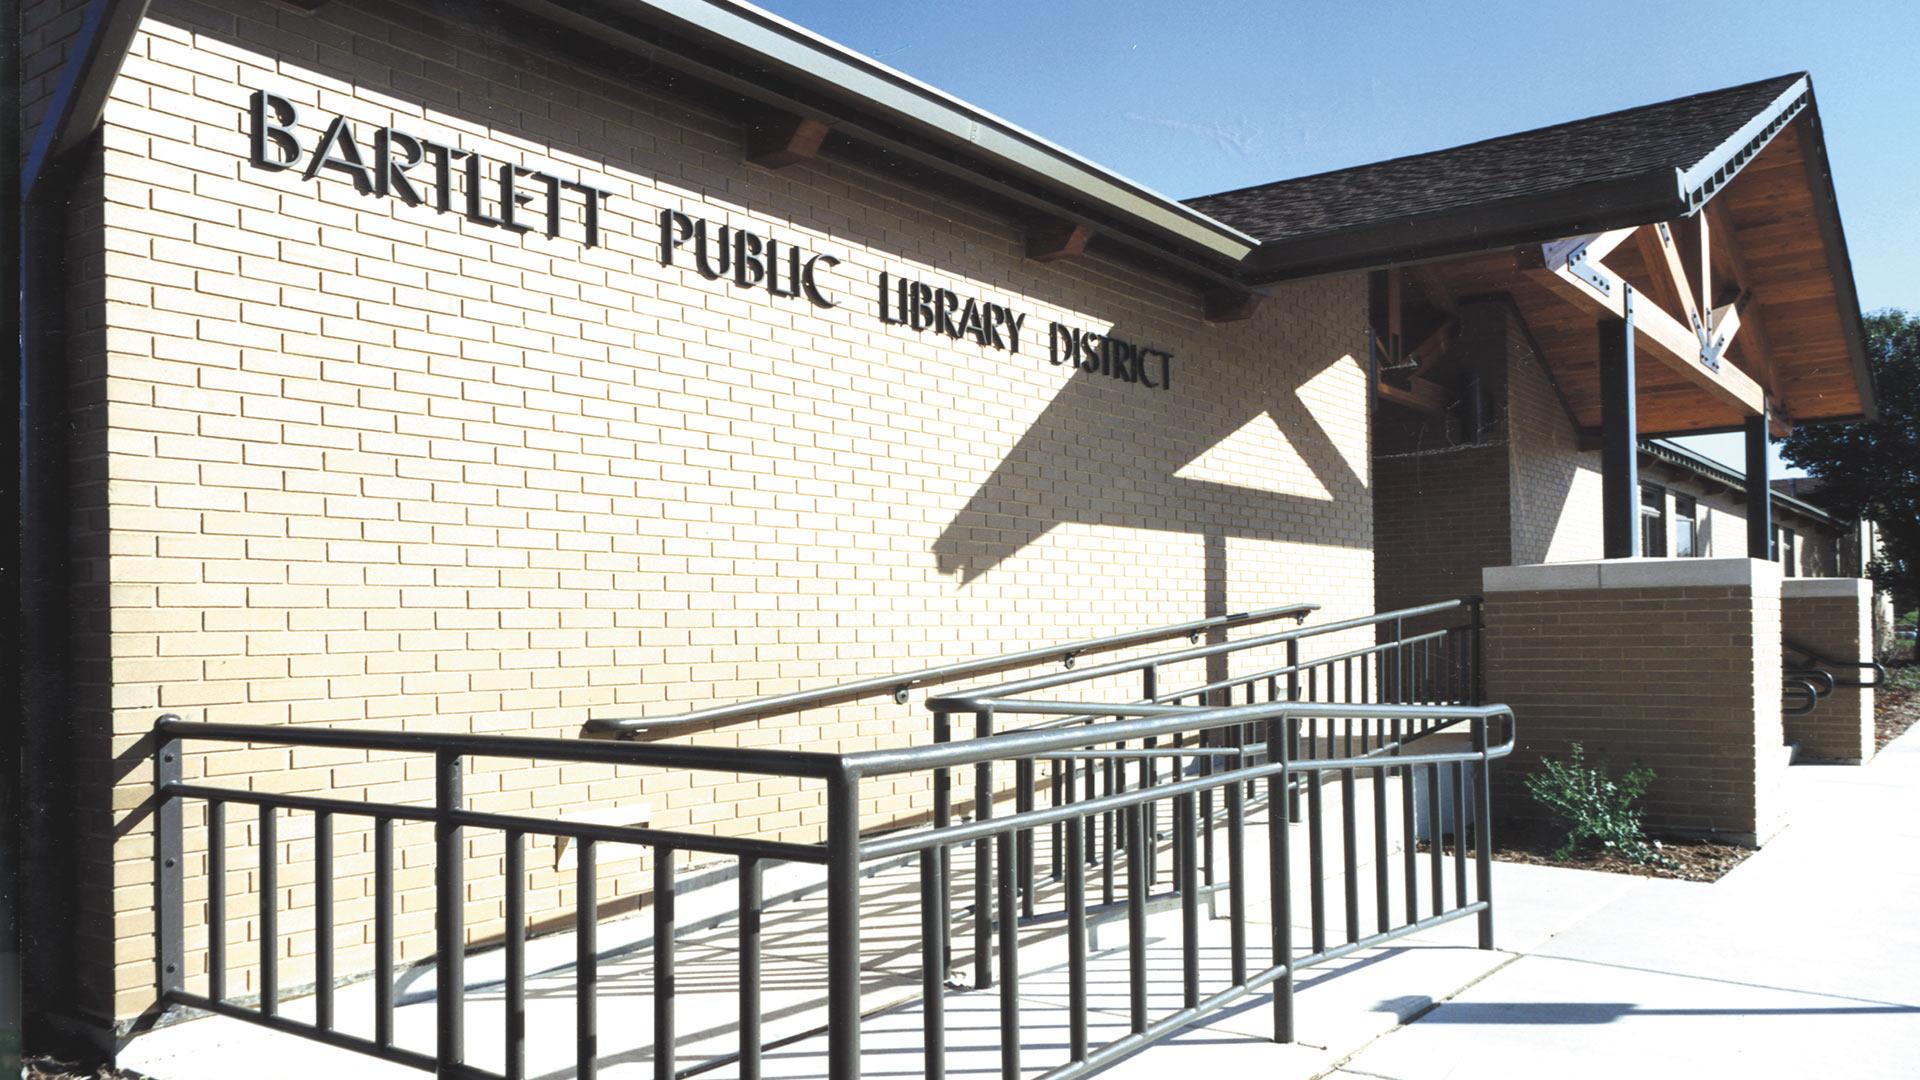 Bartlett Library